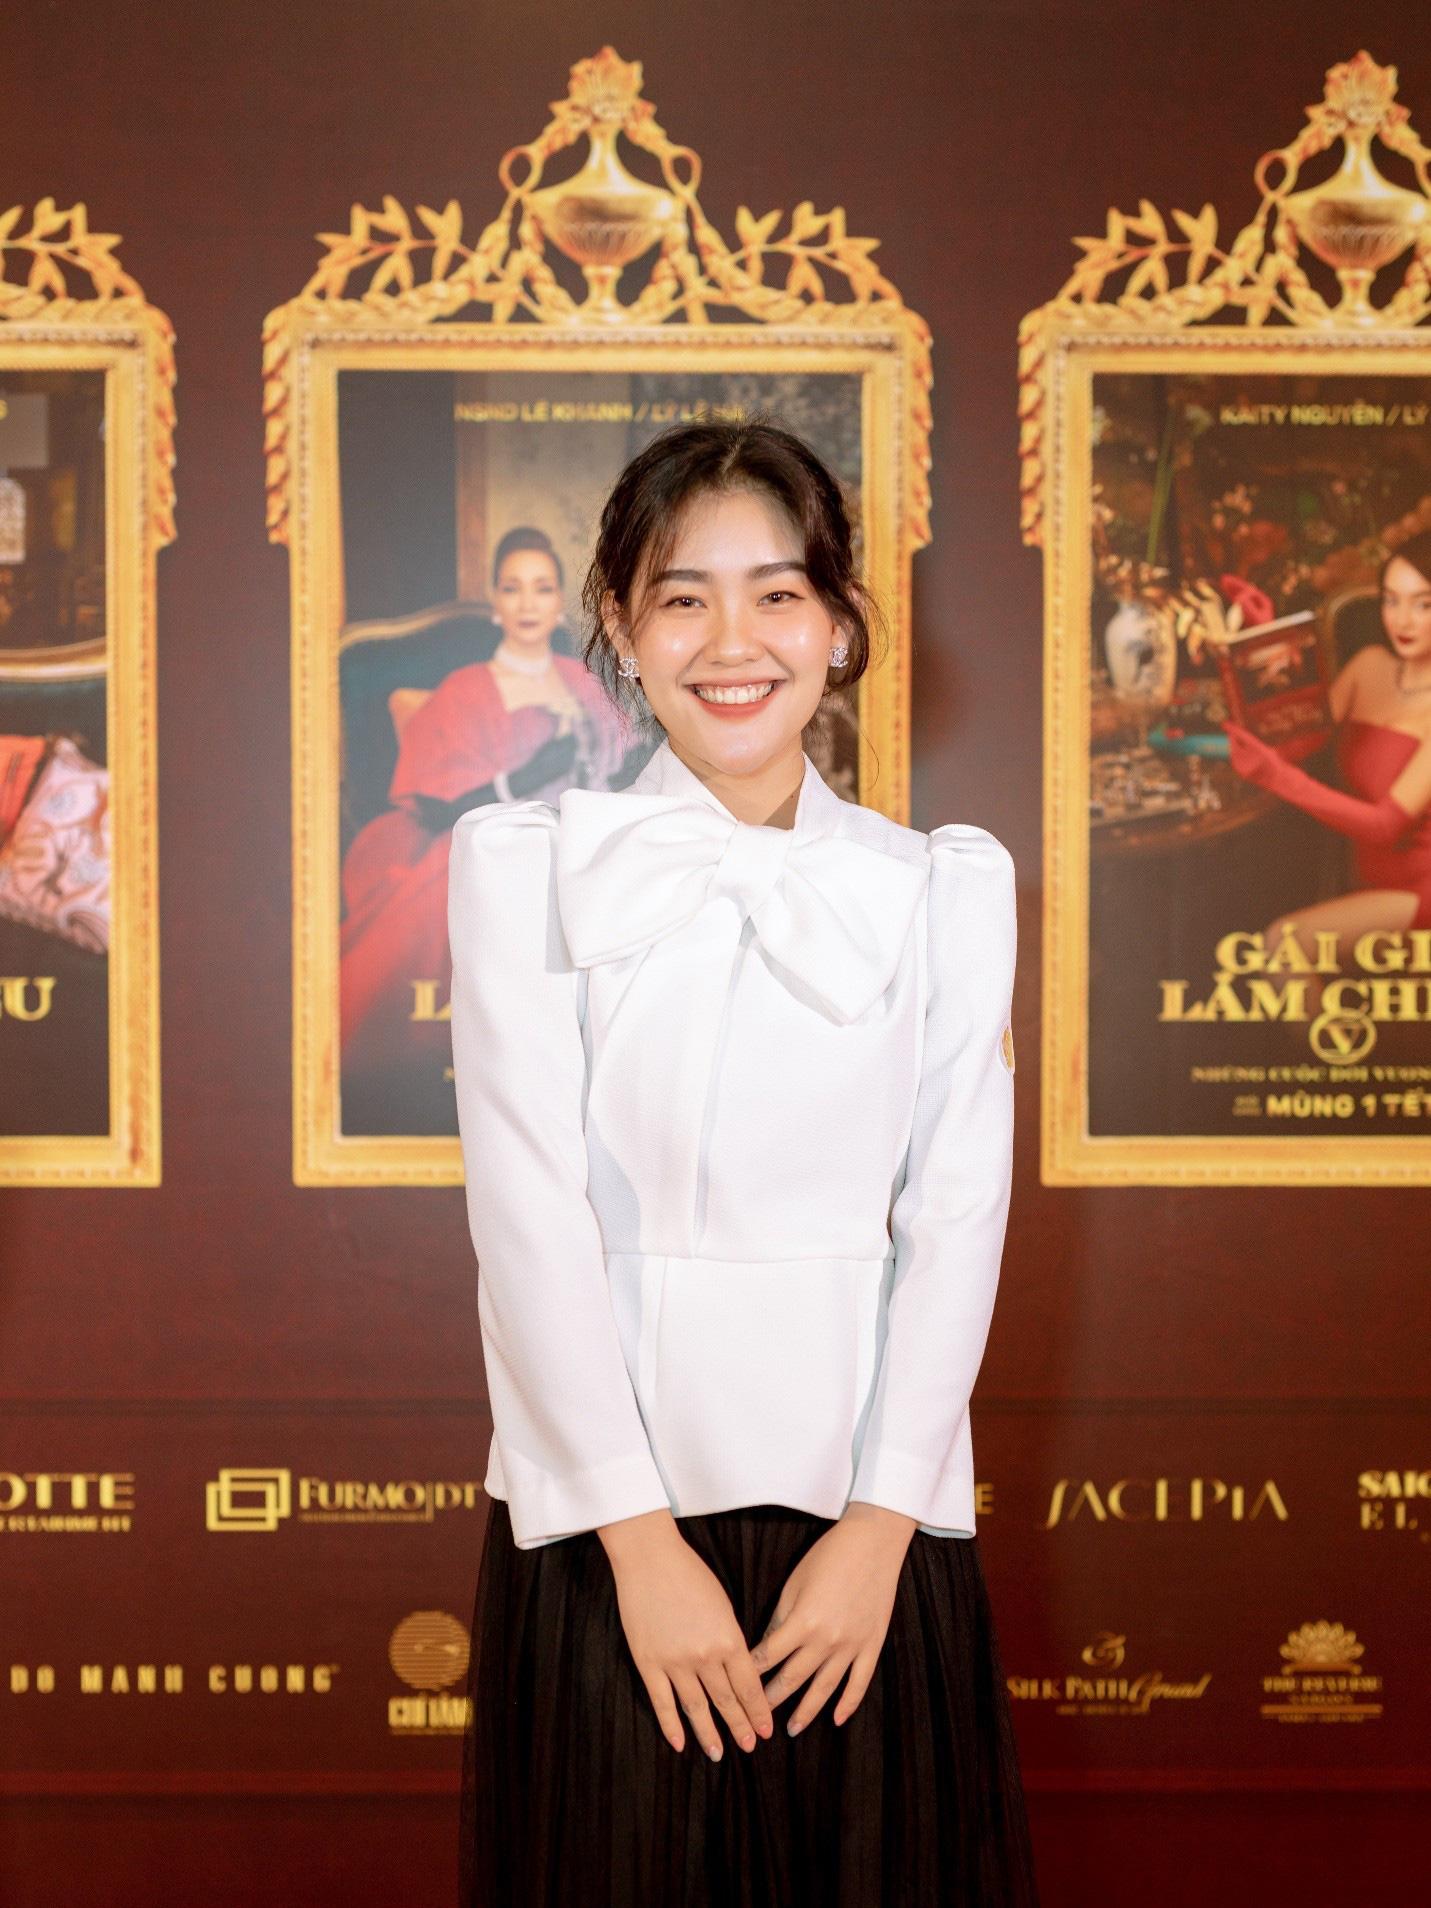 Gái đẹp Nha Trang nổi lên vì giống minh tinh Hồng Kông nay đã trở thành Đại sứ thương hiệu FACEPIA - Ảnh 4.